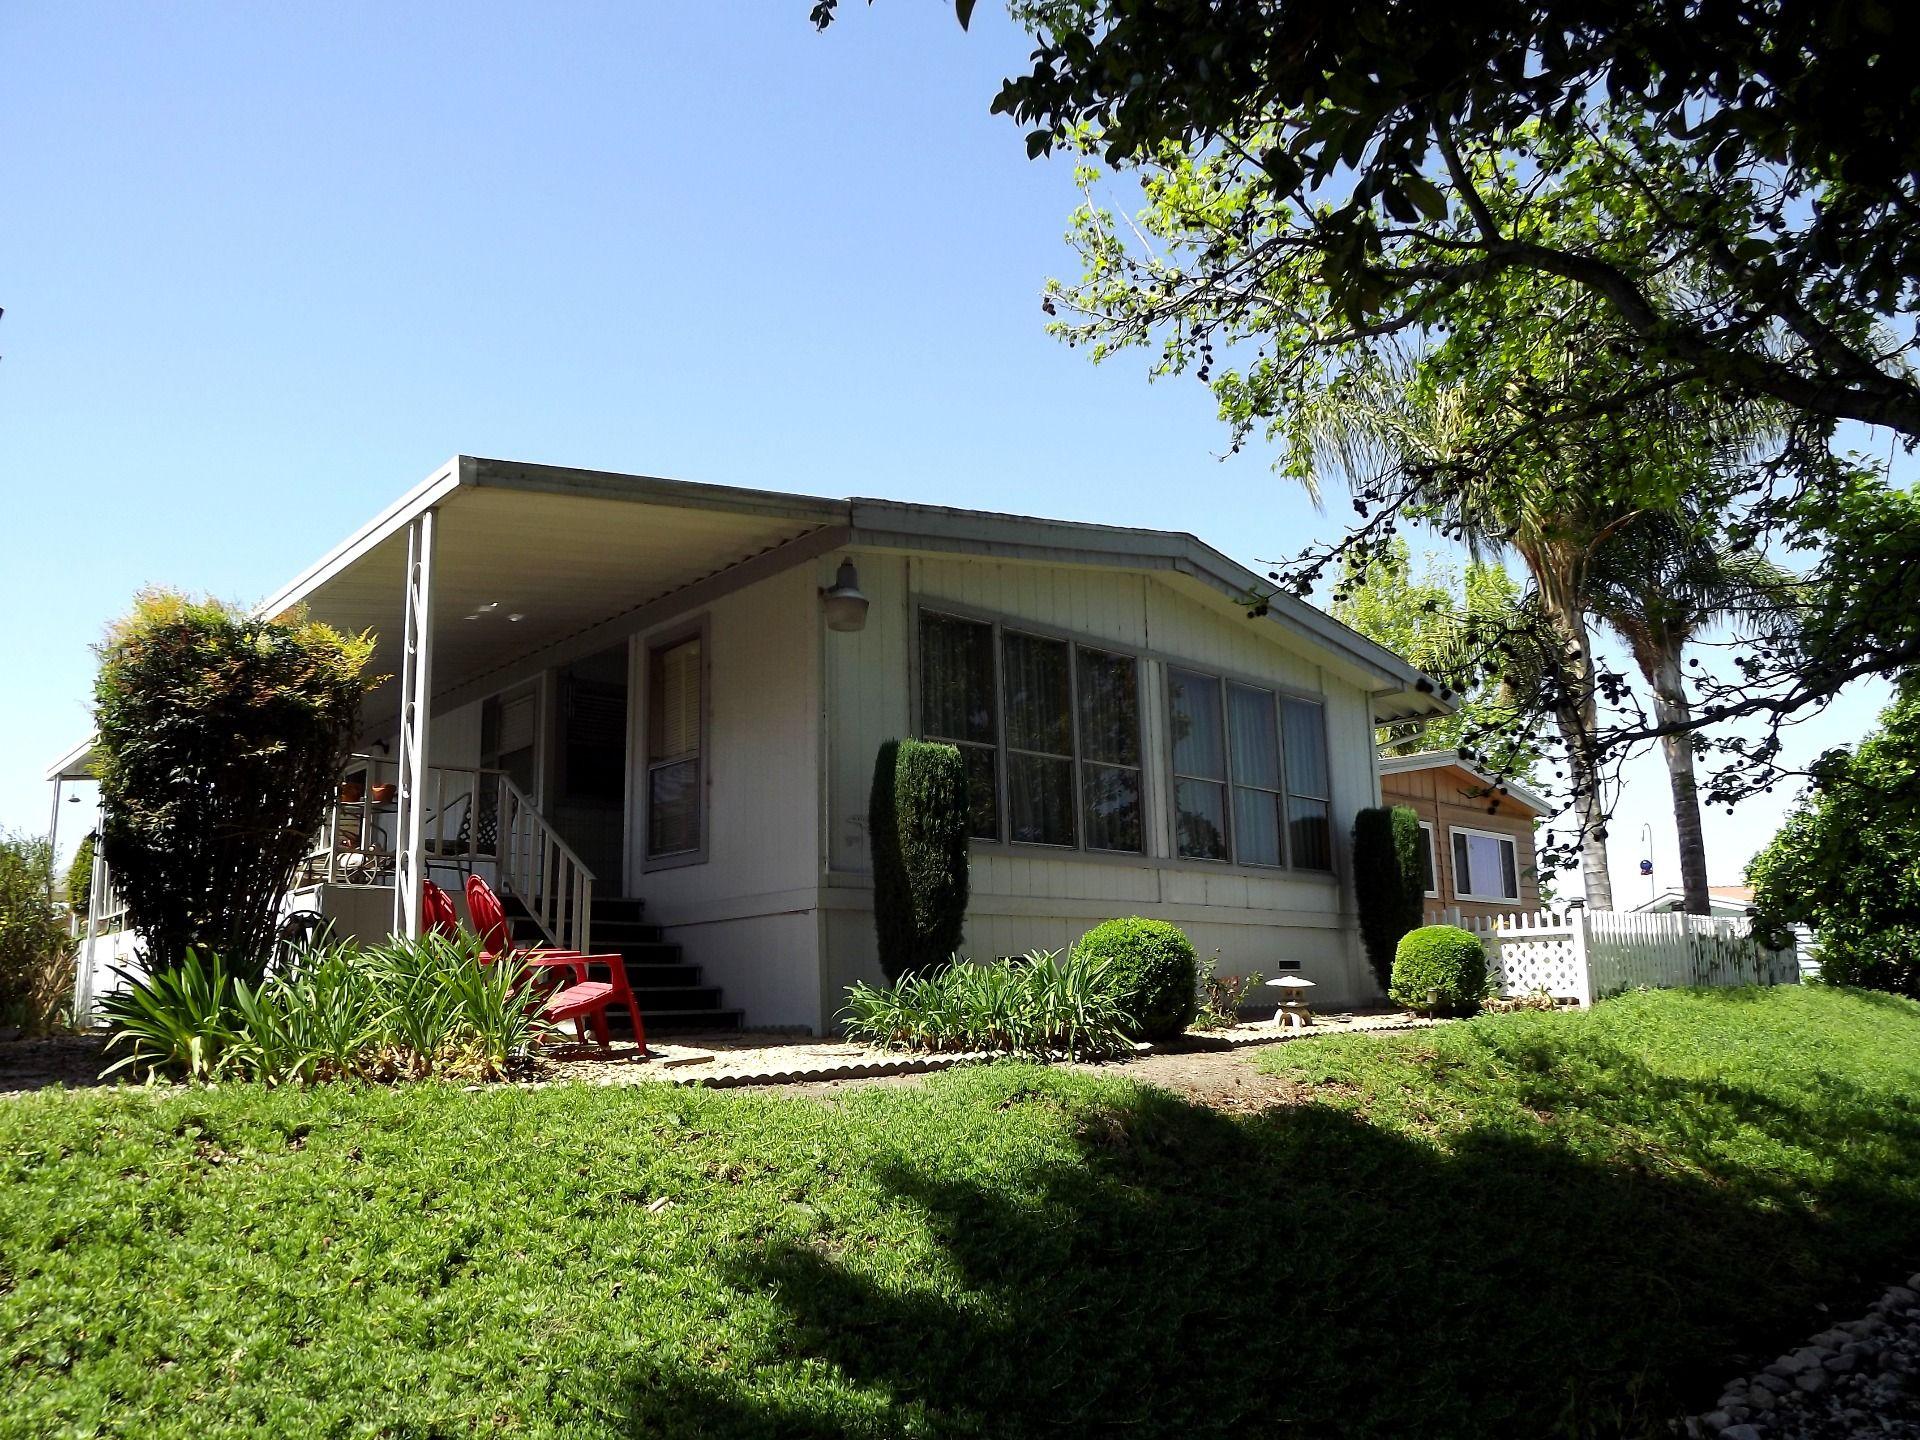 81ffe5d8c1da61dde3f593c356f2588c - Houses For Rent Near Bell Gardens Ca